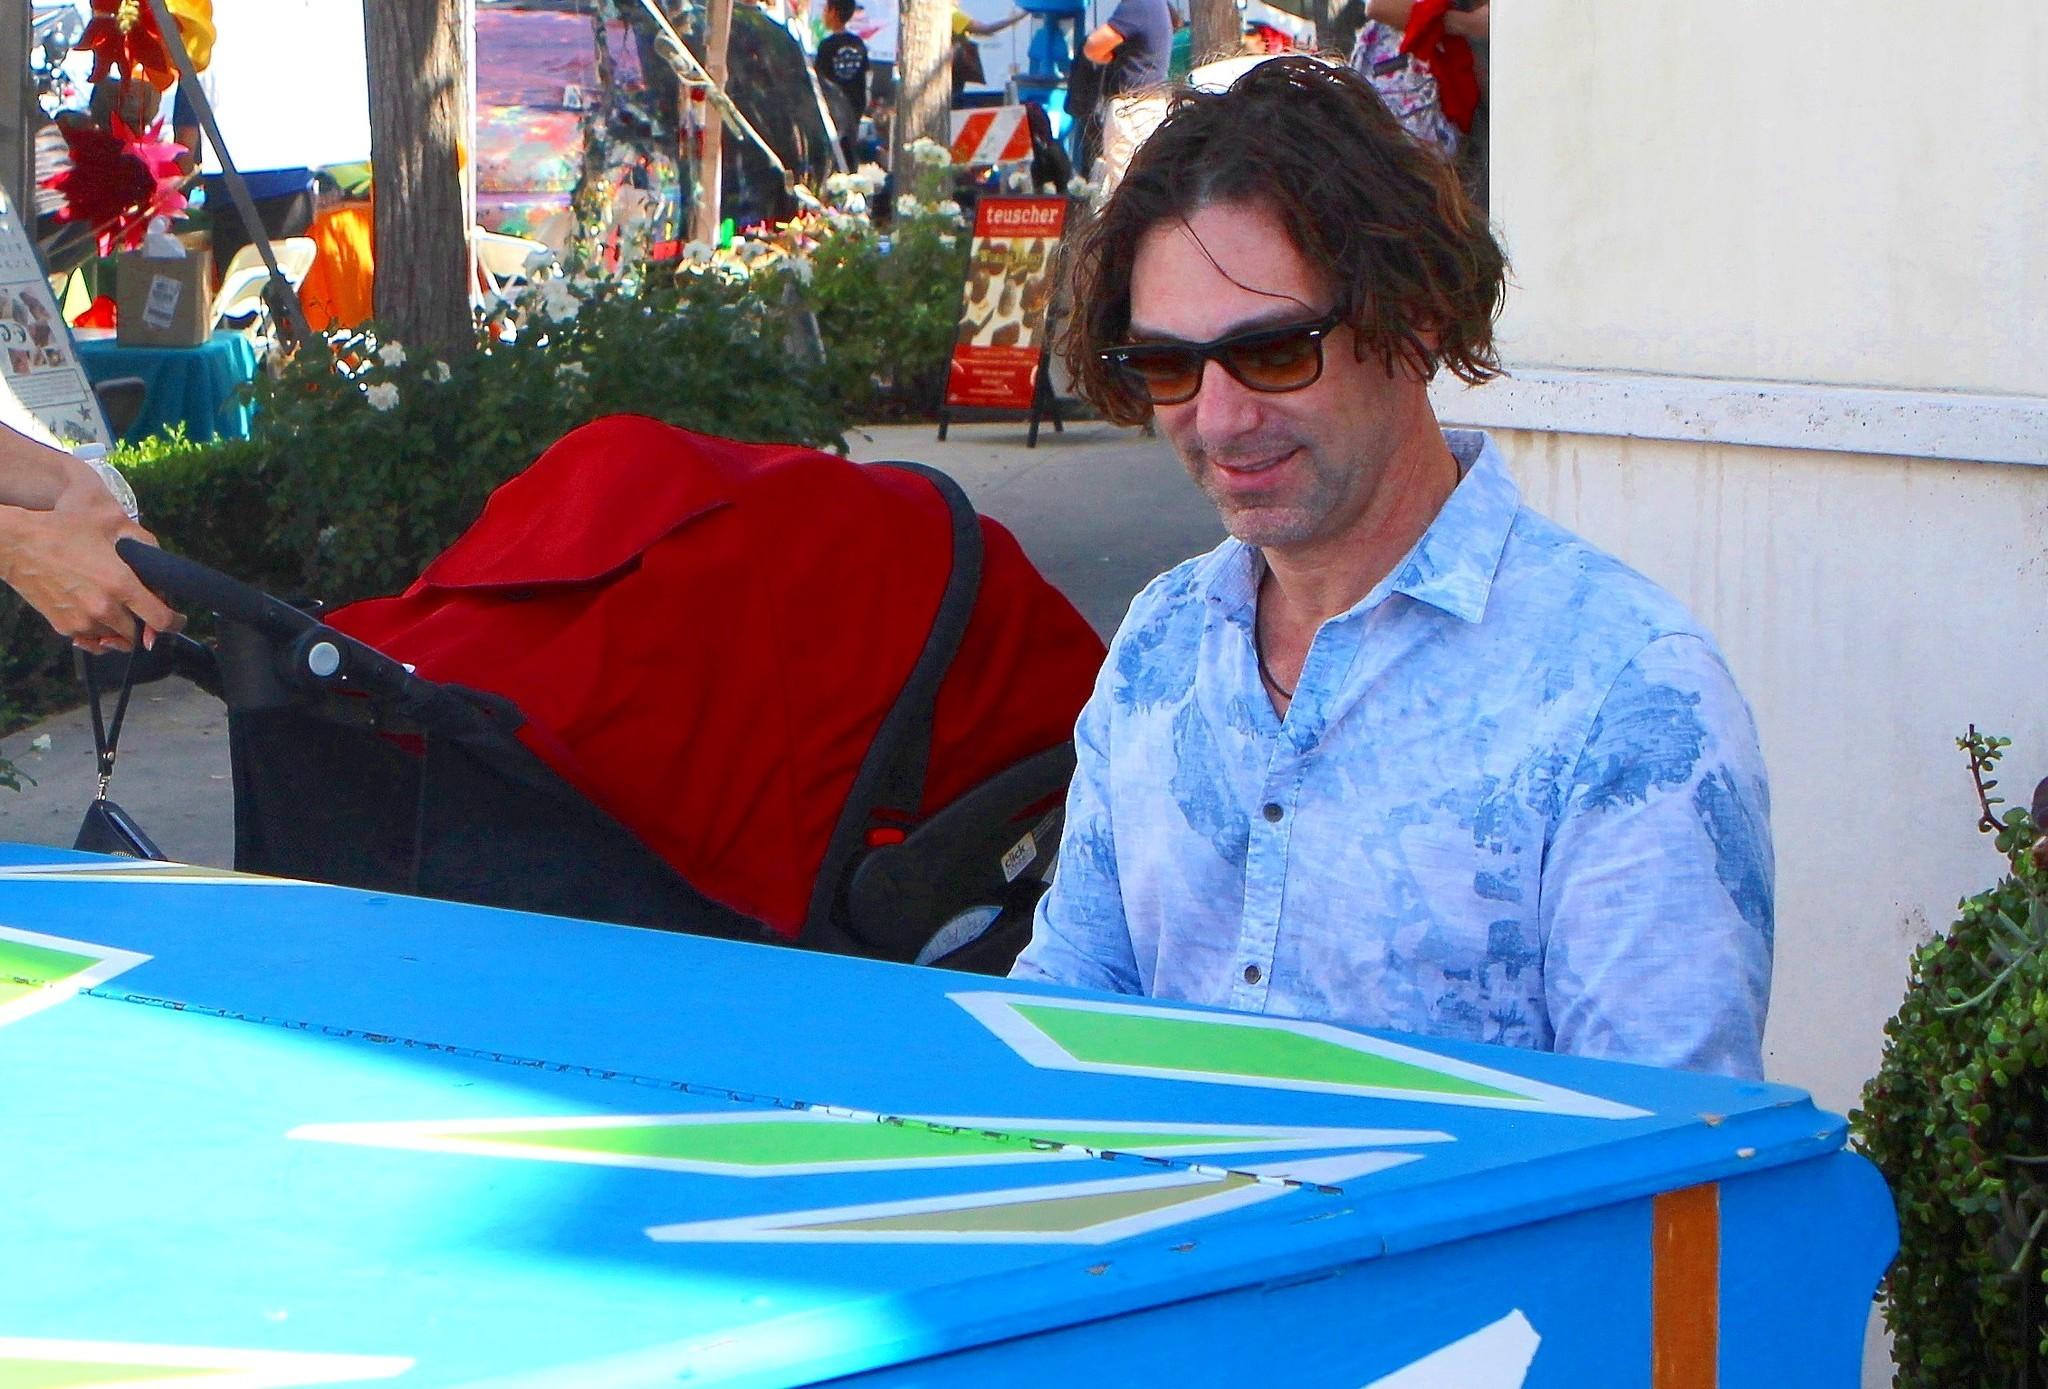 Professional musician Glenn Kramer